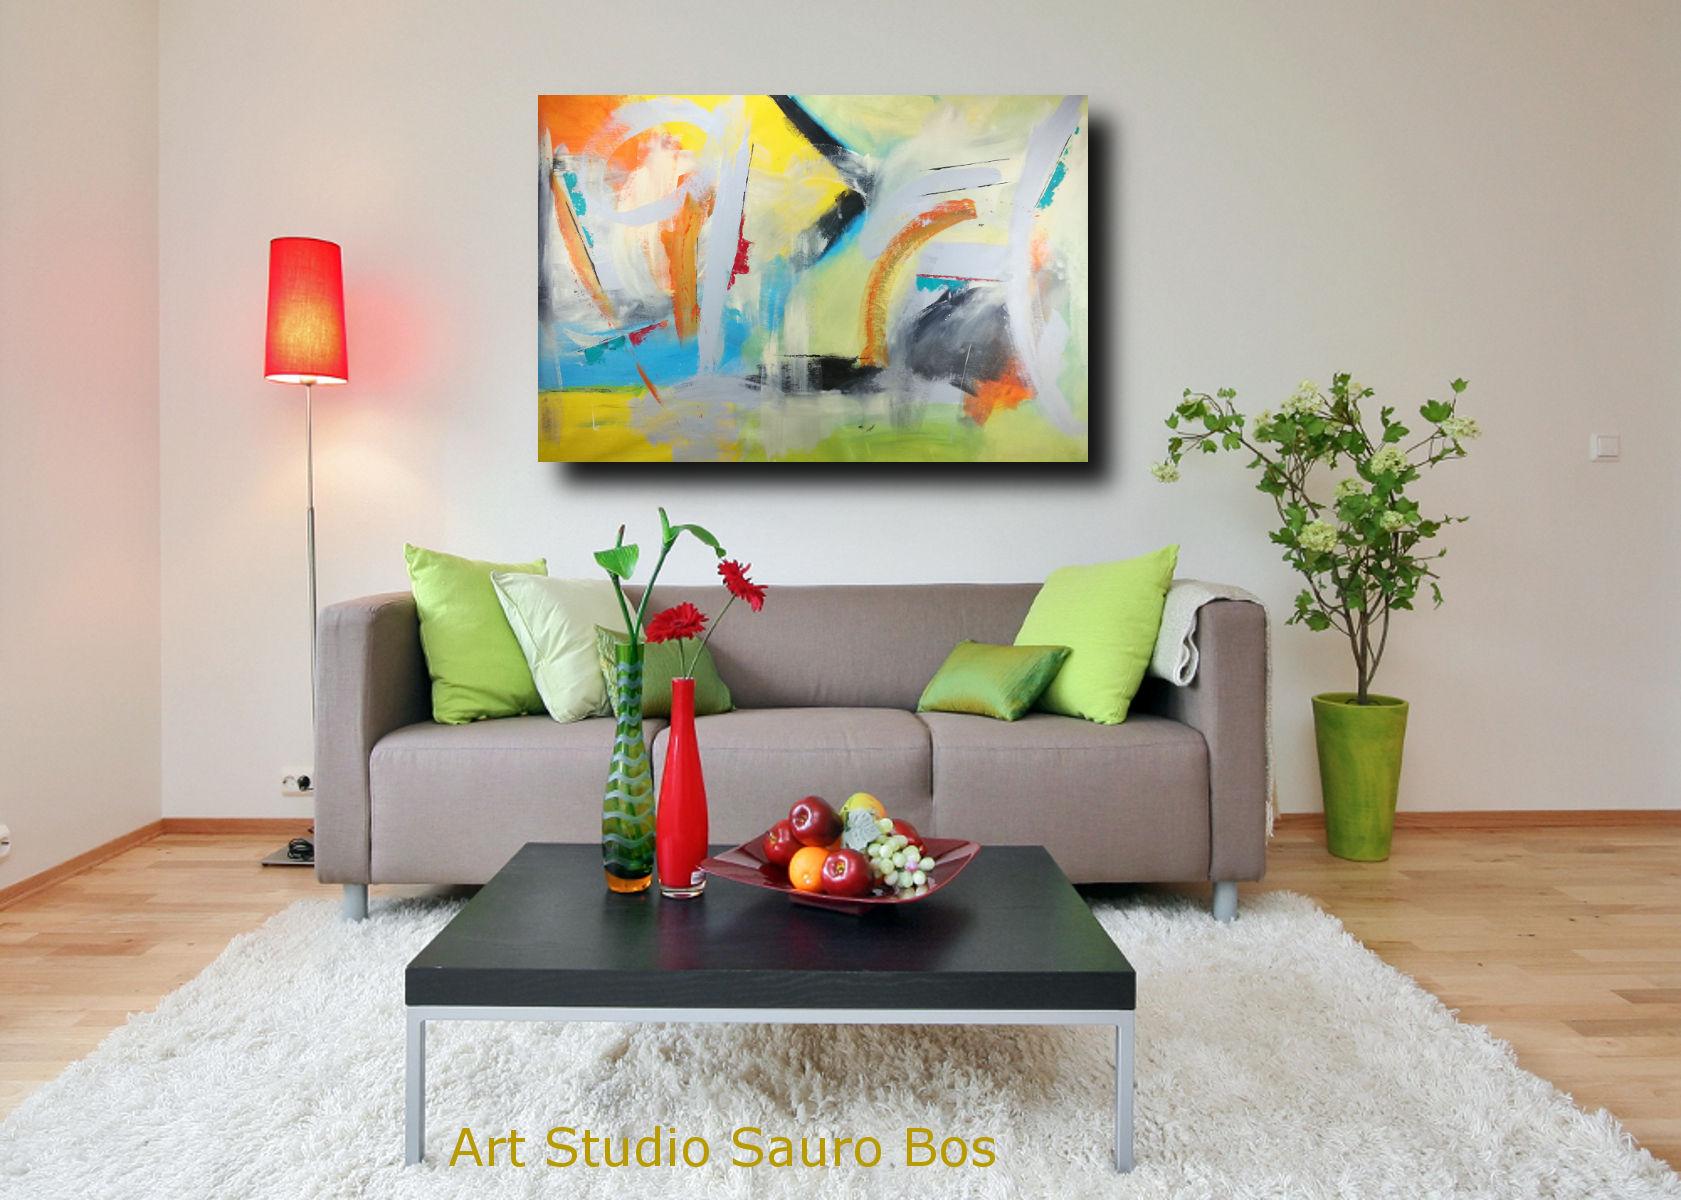 Quadri grandi da parete 120x80 giallo arancio grigio nero sauro bos - Poster grandi da parete ...